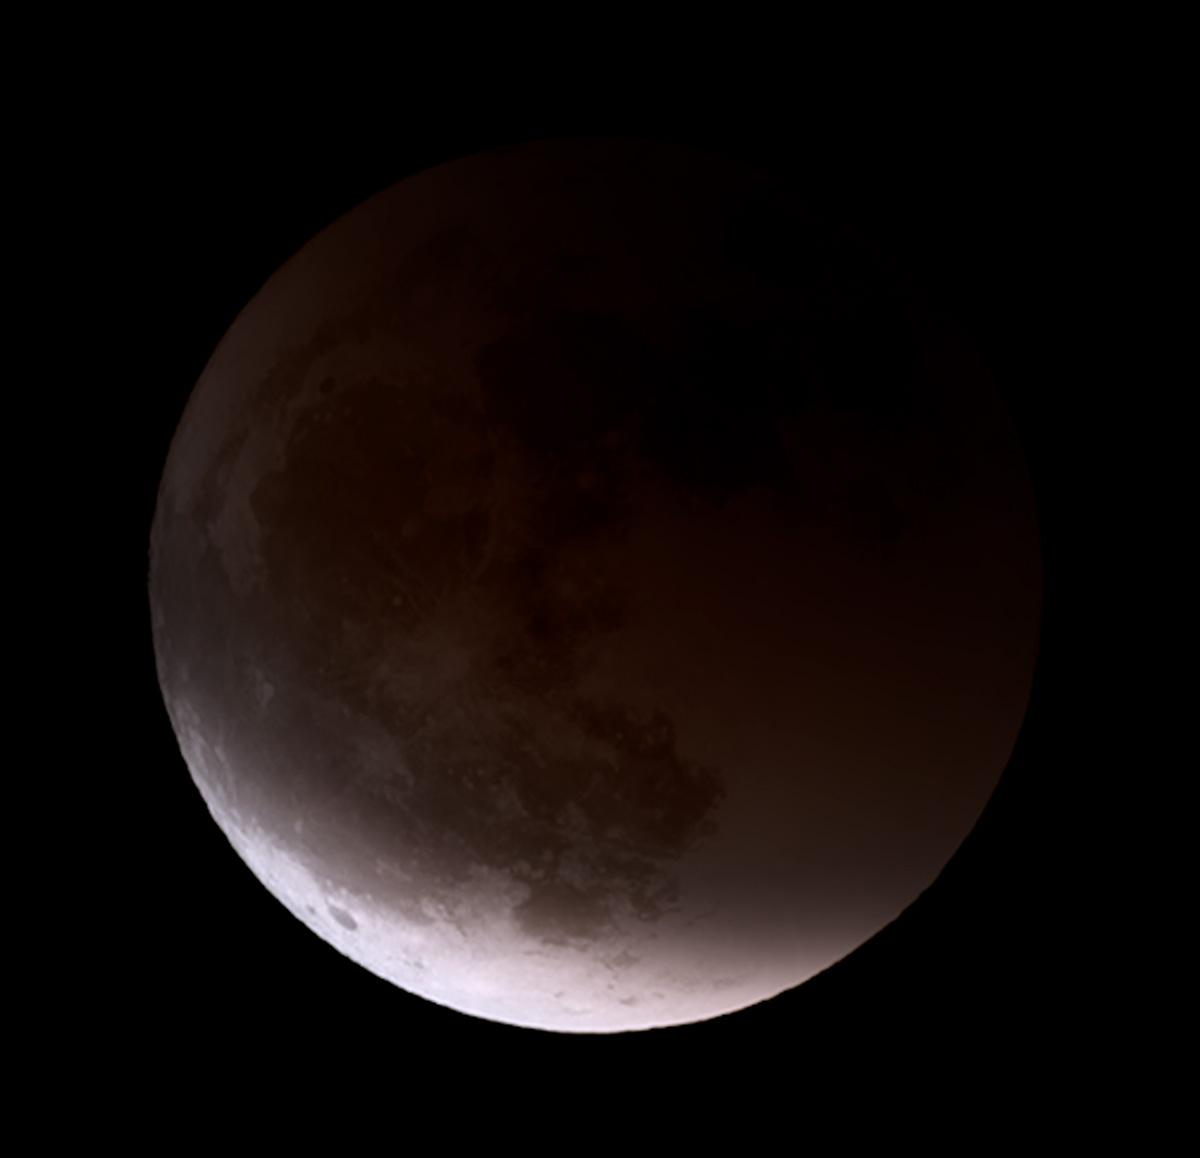 6. Partial eclipse ends